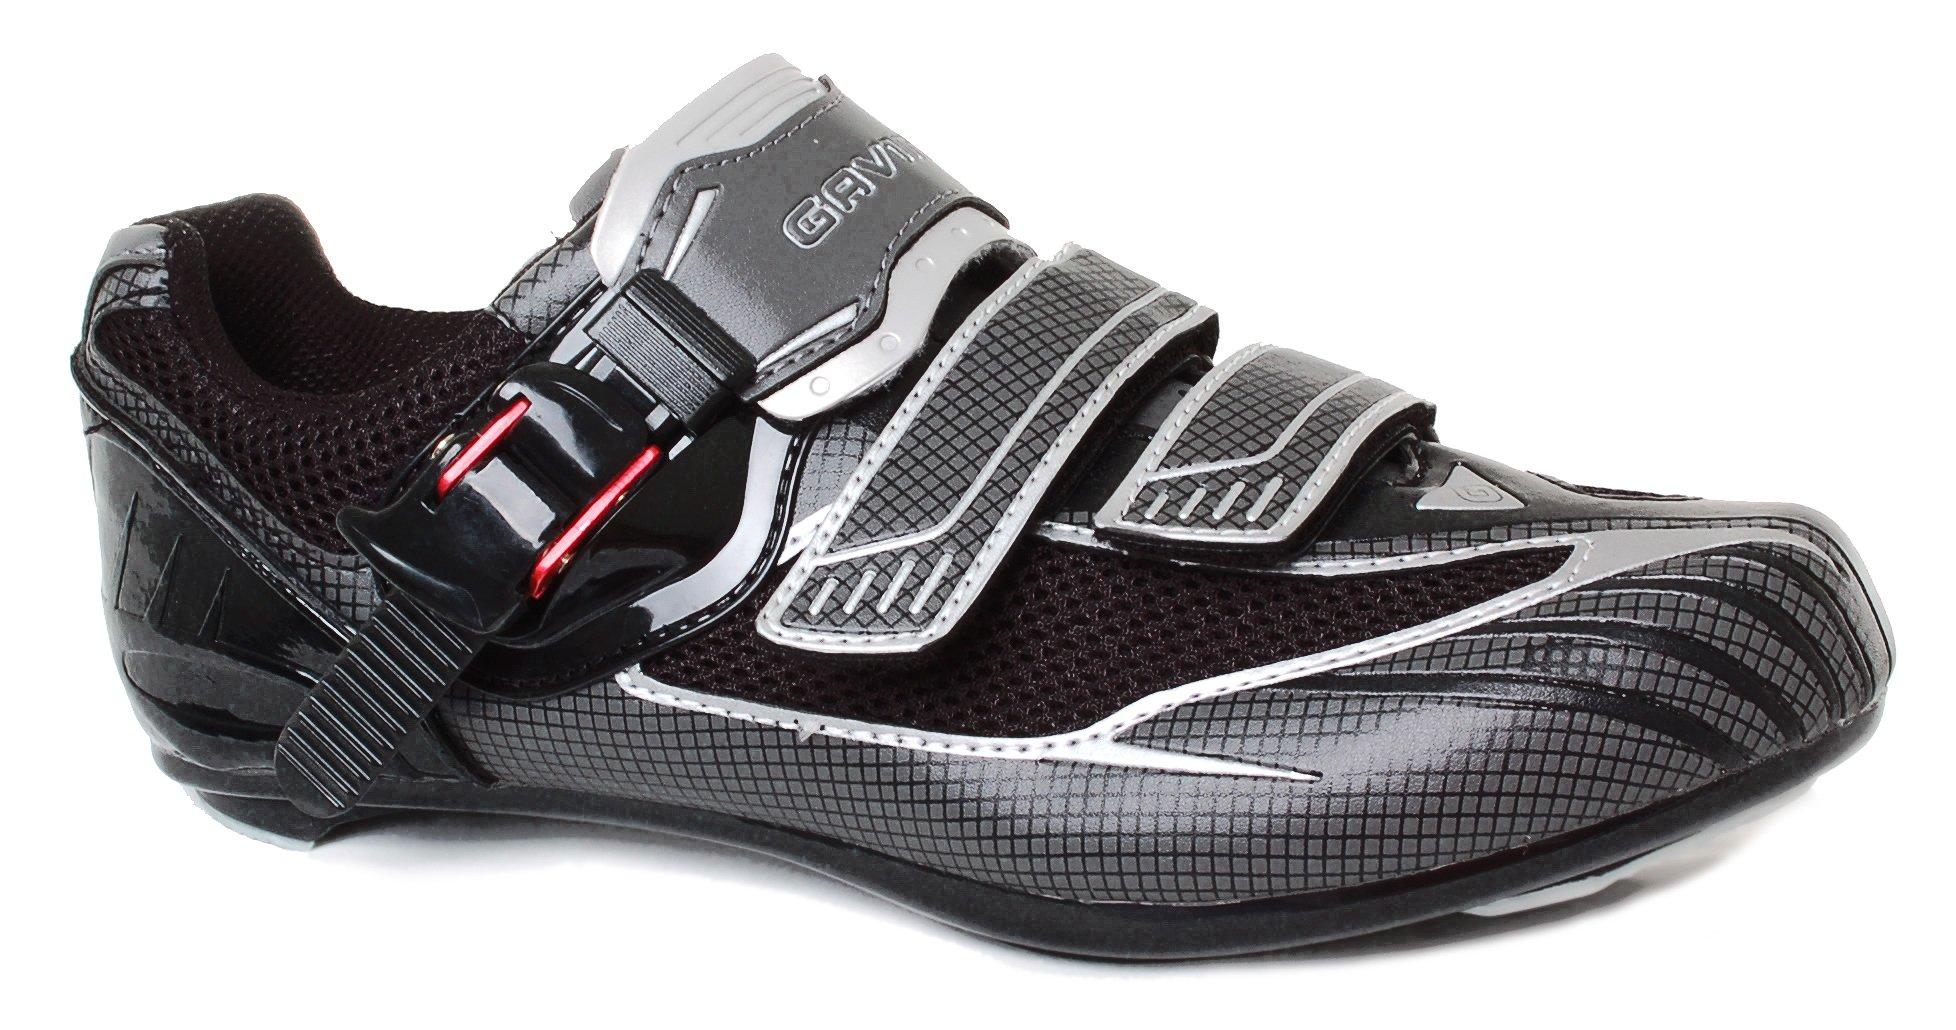 Gavin Elite Road Cycling Shoe by Gavin